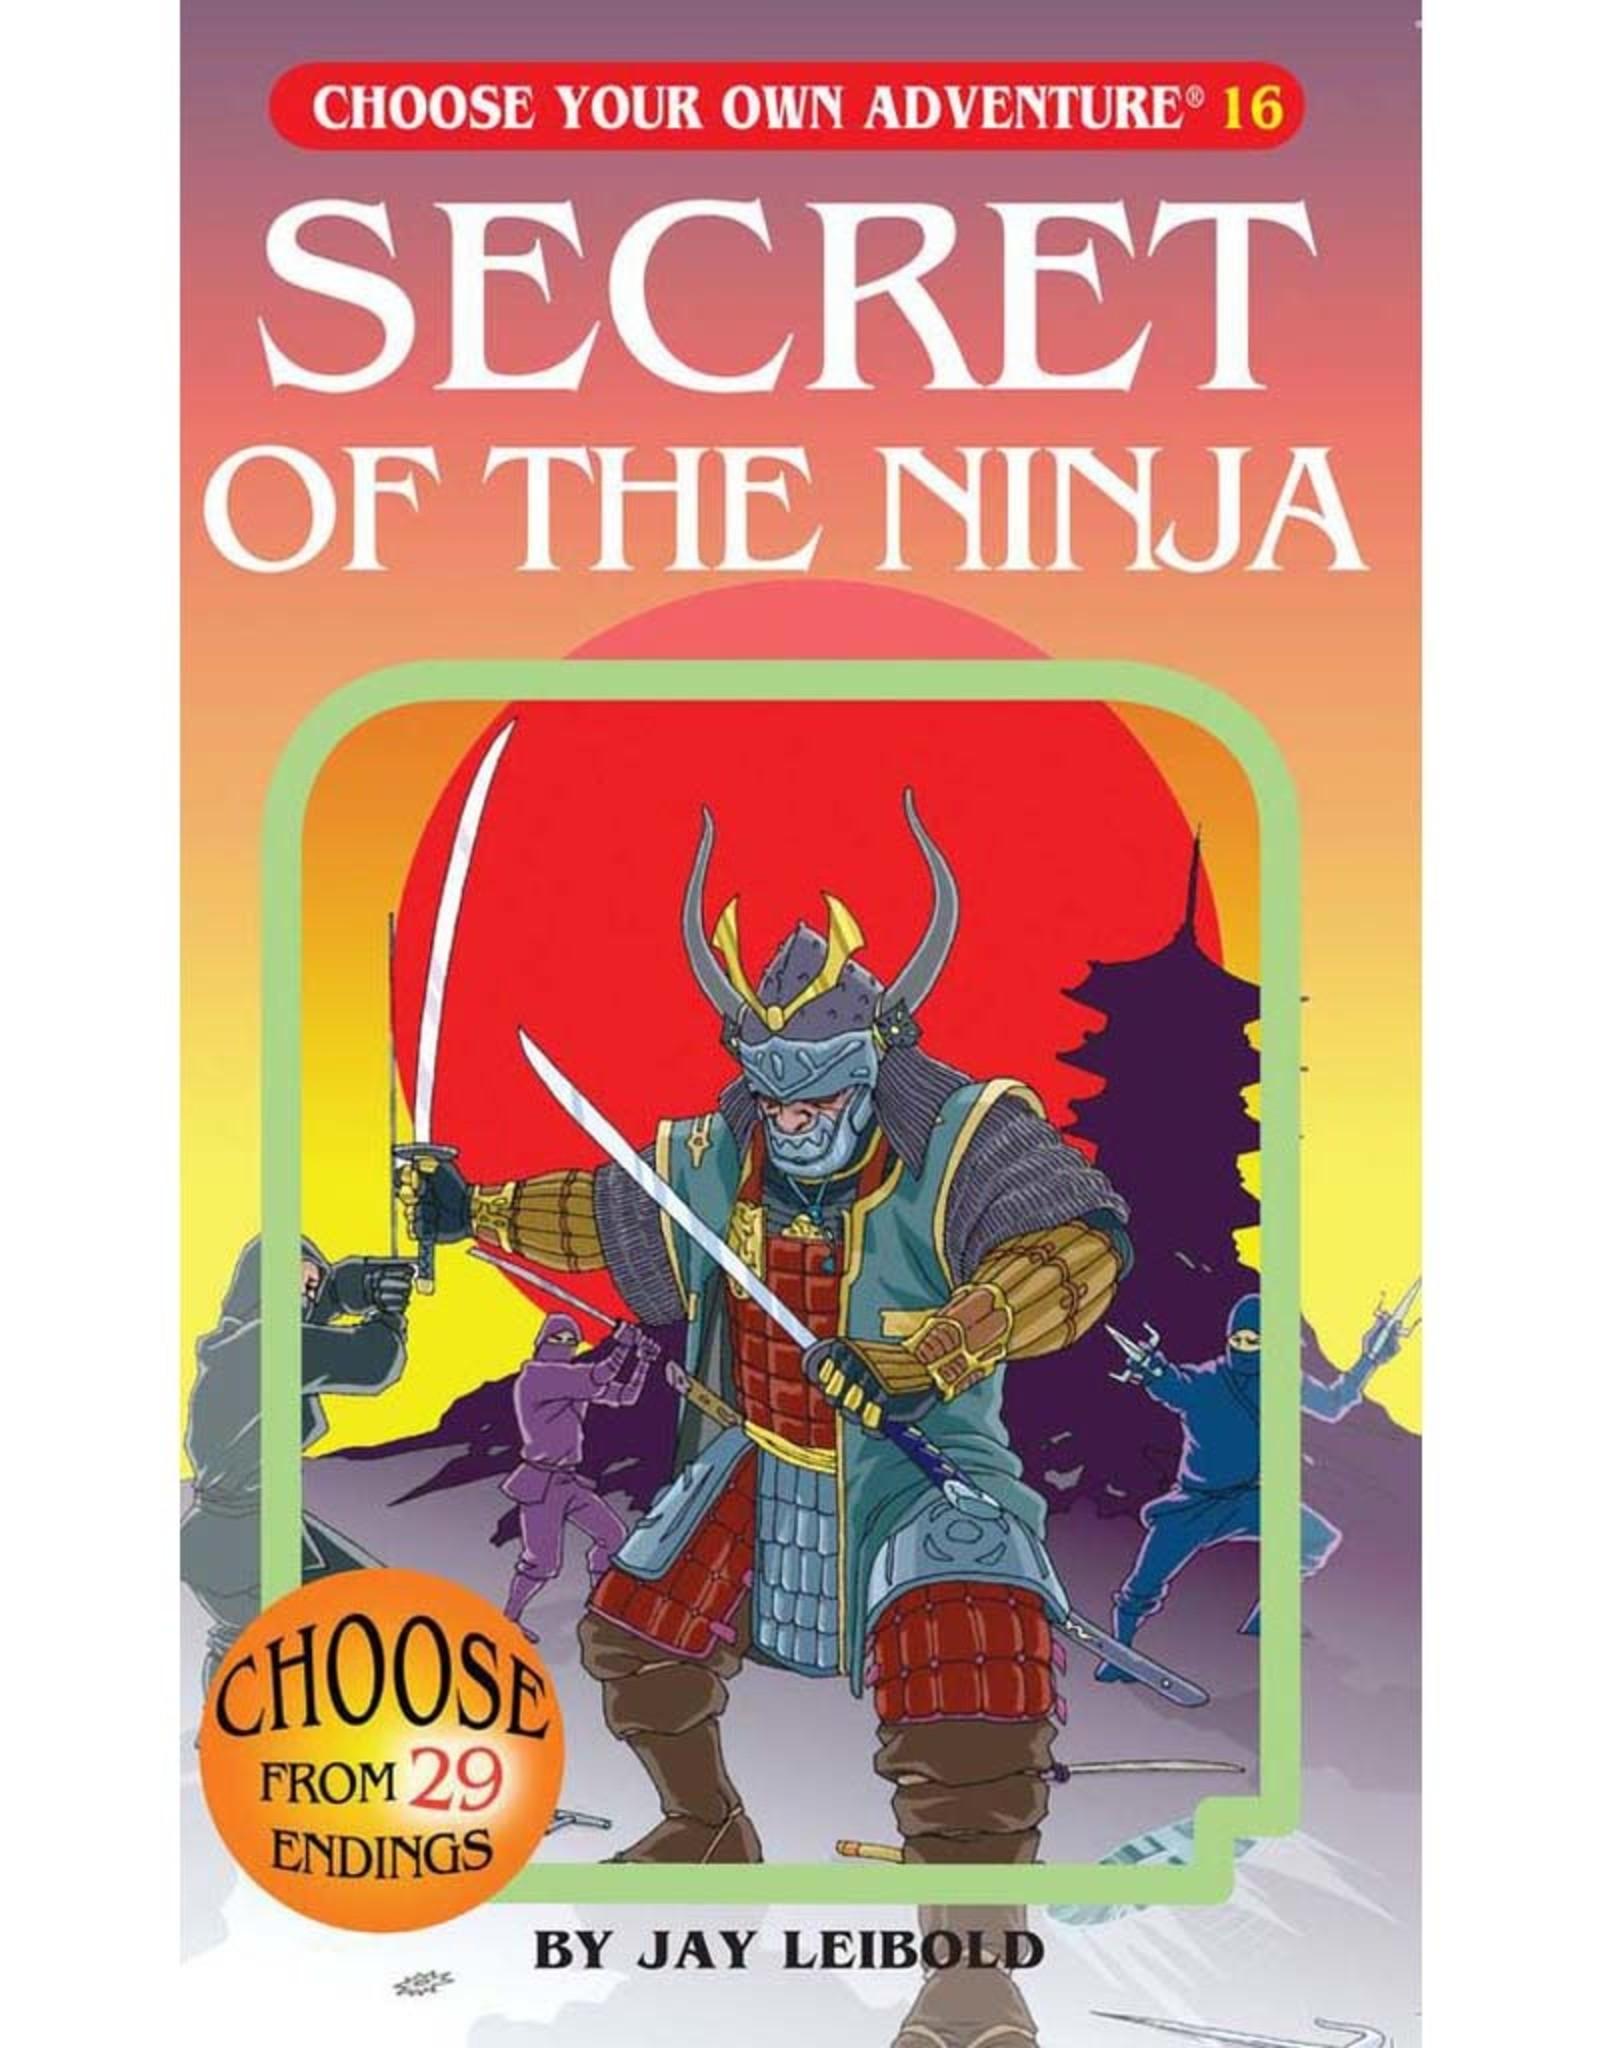 ChooseCo CYOA #16 Secret of the Ninja